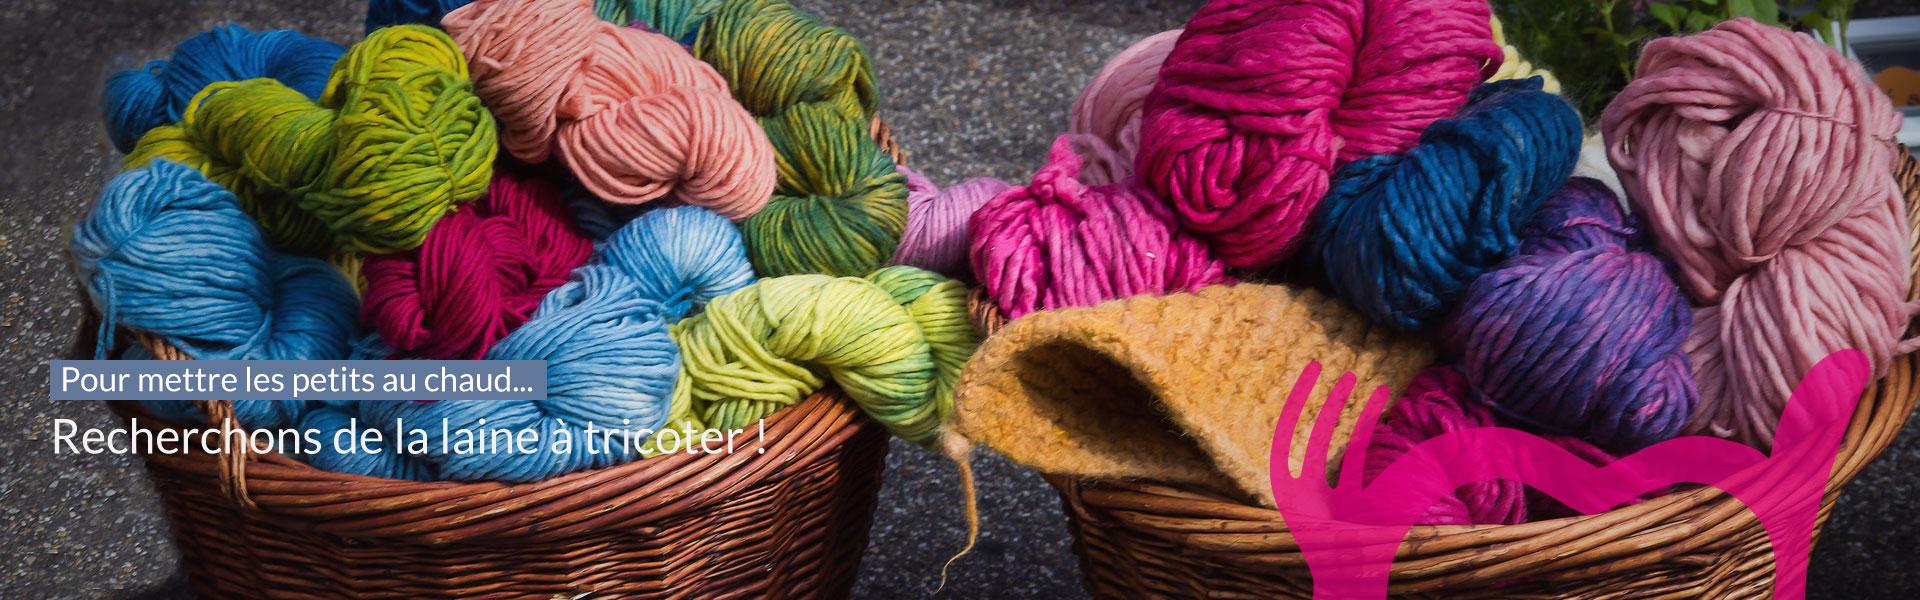 Recherchons de la laine à tricoter ! Cliquez pour envoyer un mail (contact@restosducoeur44.org)...